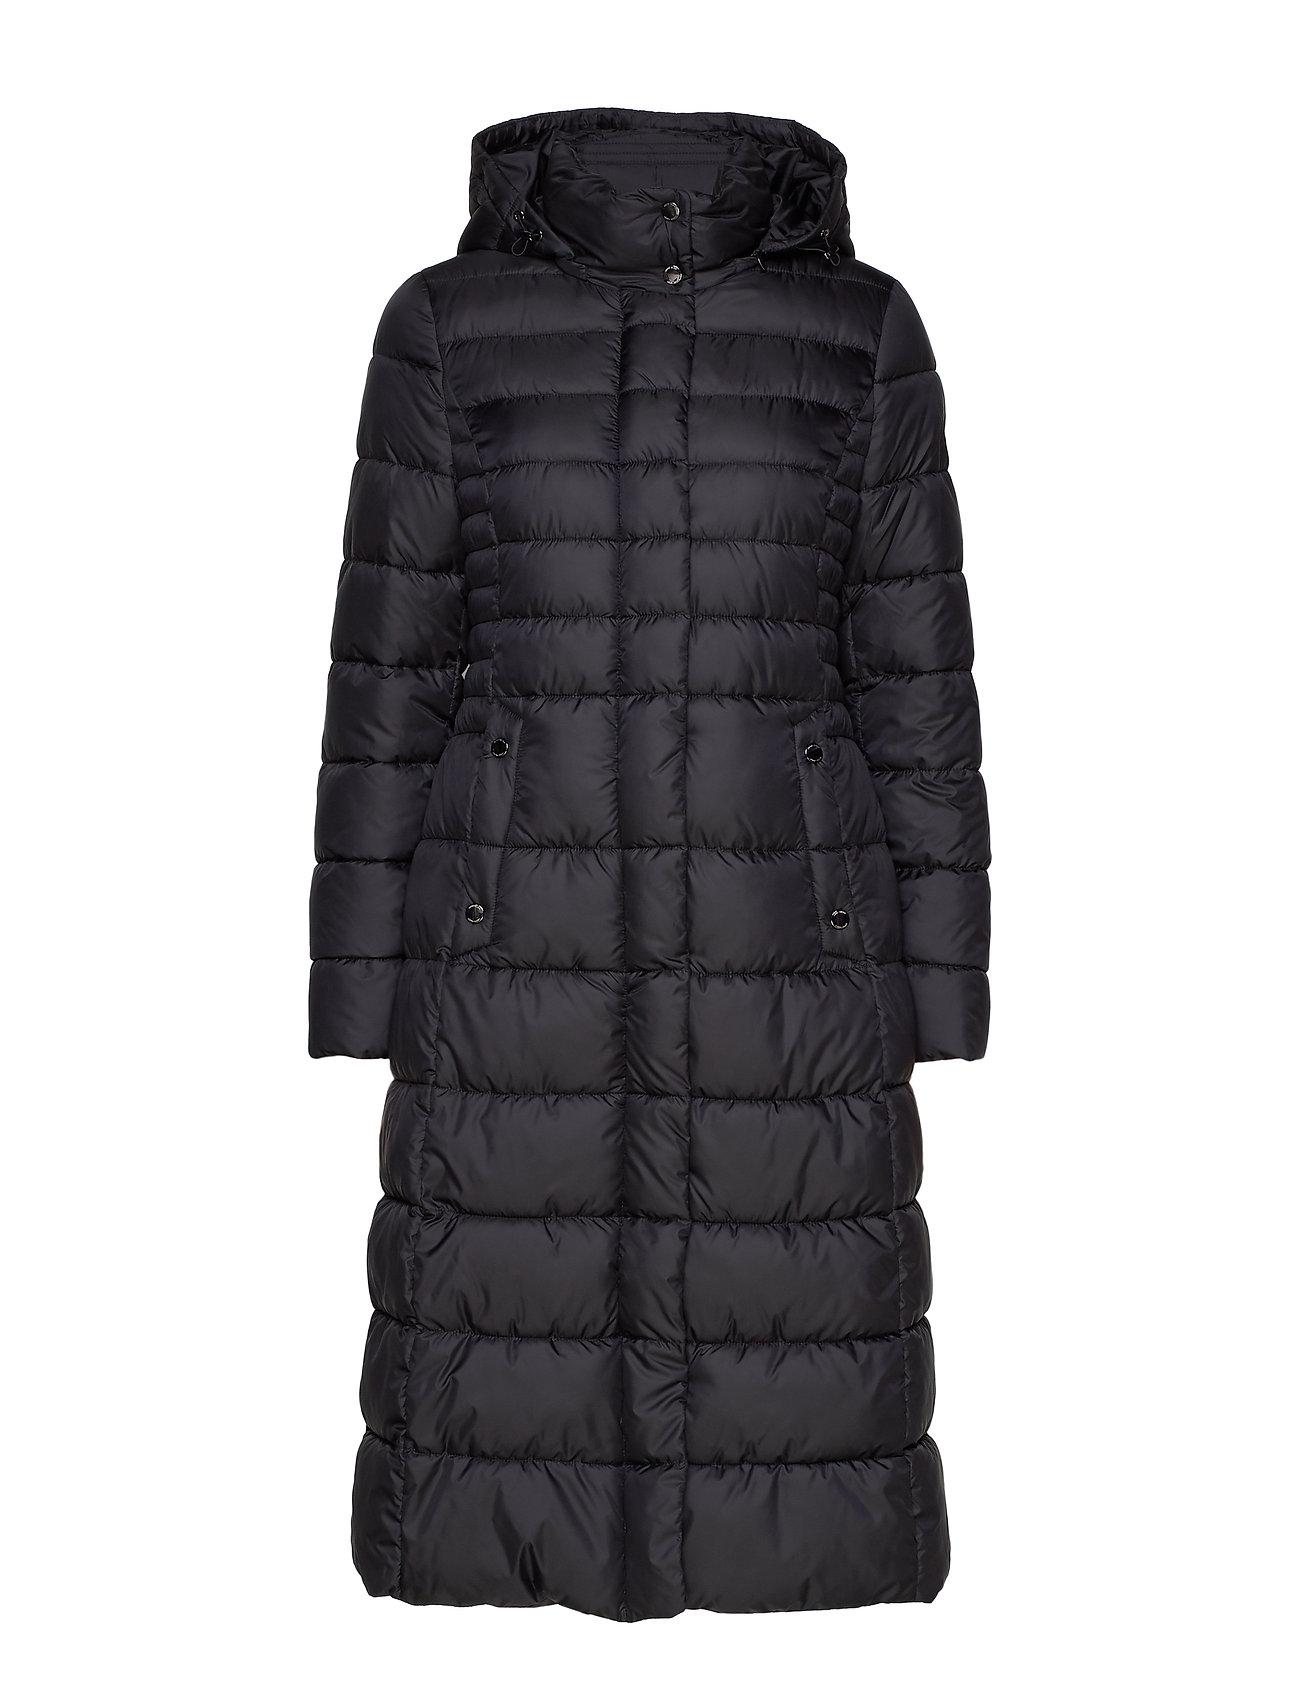 WoblackGerry Edition Outdoor No Jacket Weber yNm0wvn8O